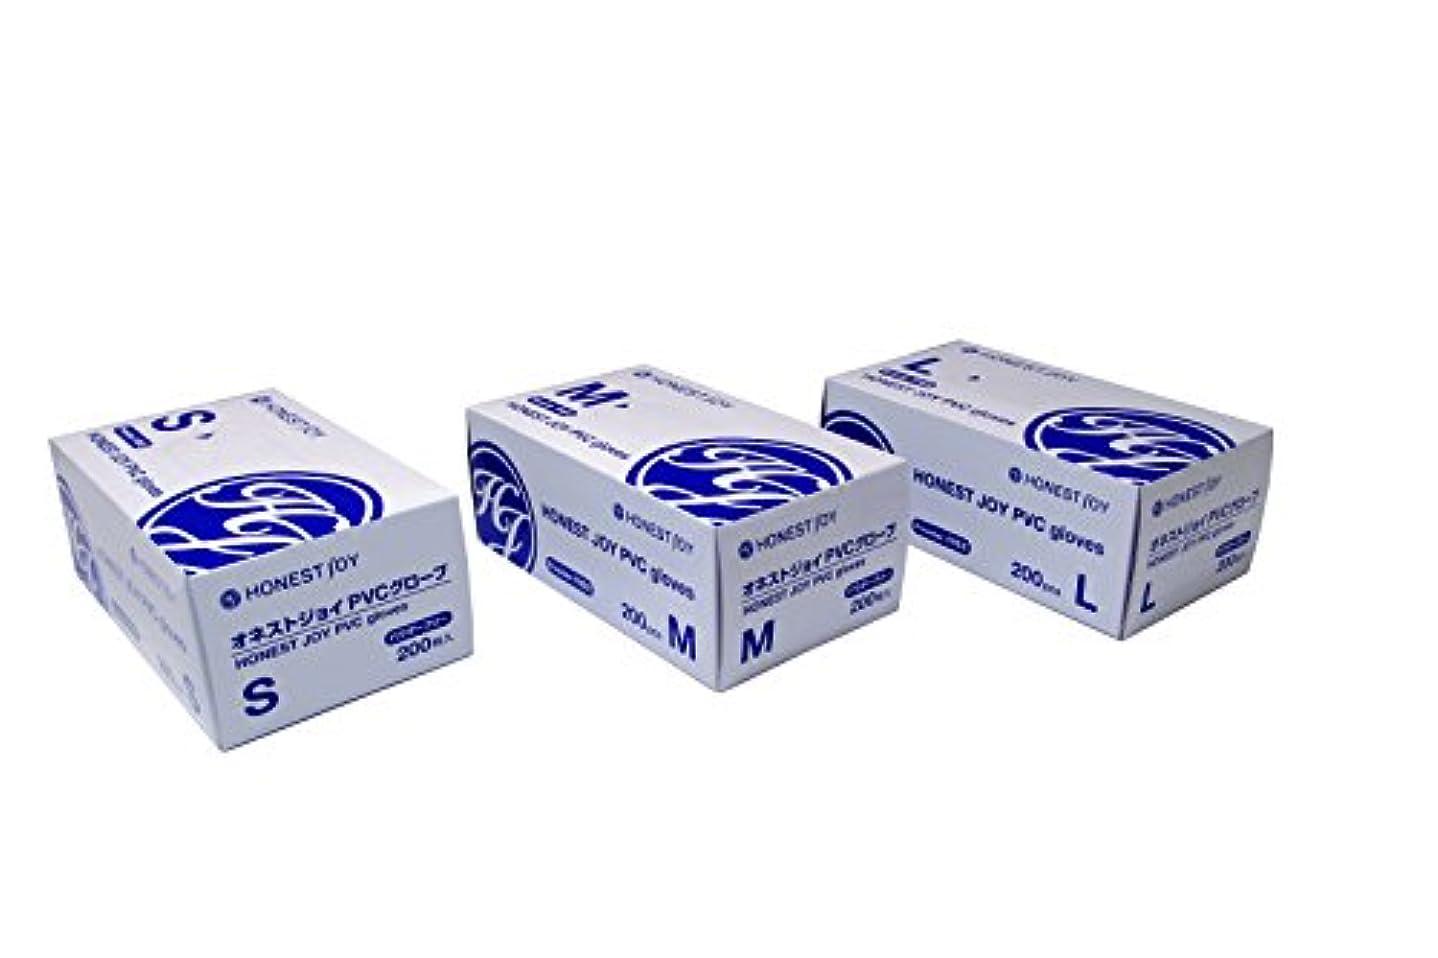 居住者称賛クリークオネストジョイ PVC グローブ パウダーフリー Mサイズ 1箱200枚入り